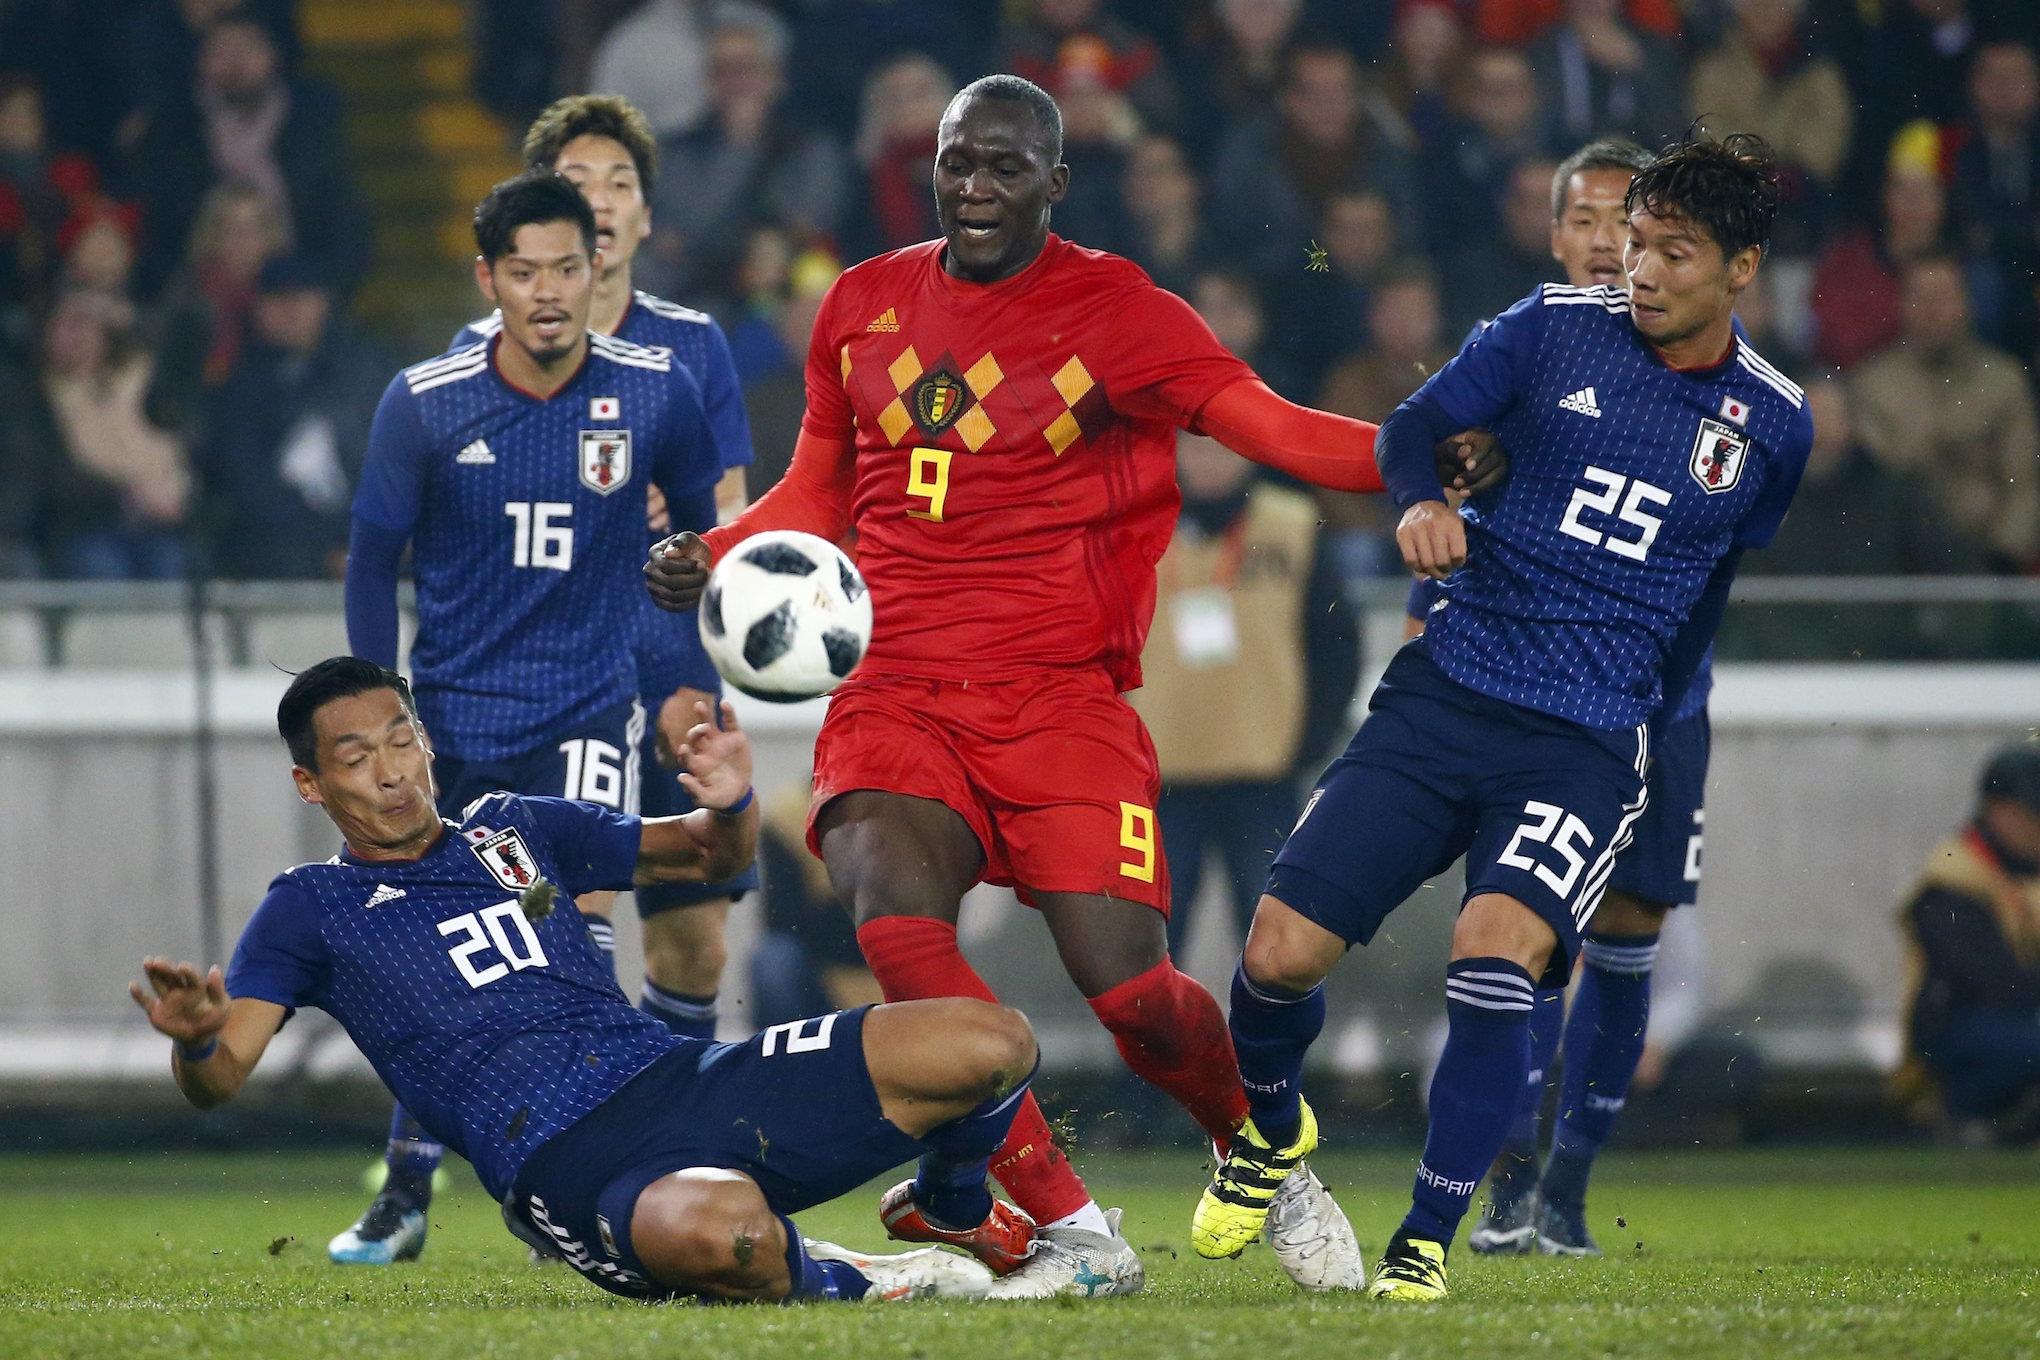 【ハイライト動画】ハリルジャパン、強豪ベルギー相手に善戦するが、エース・ルカクに決められ力負け